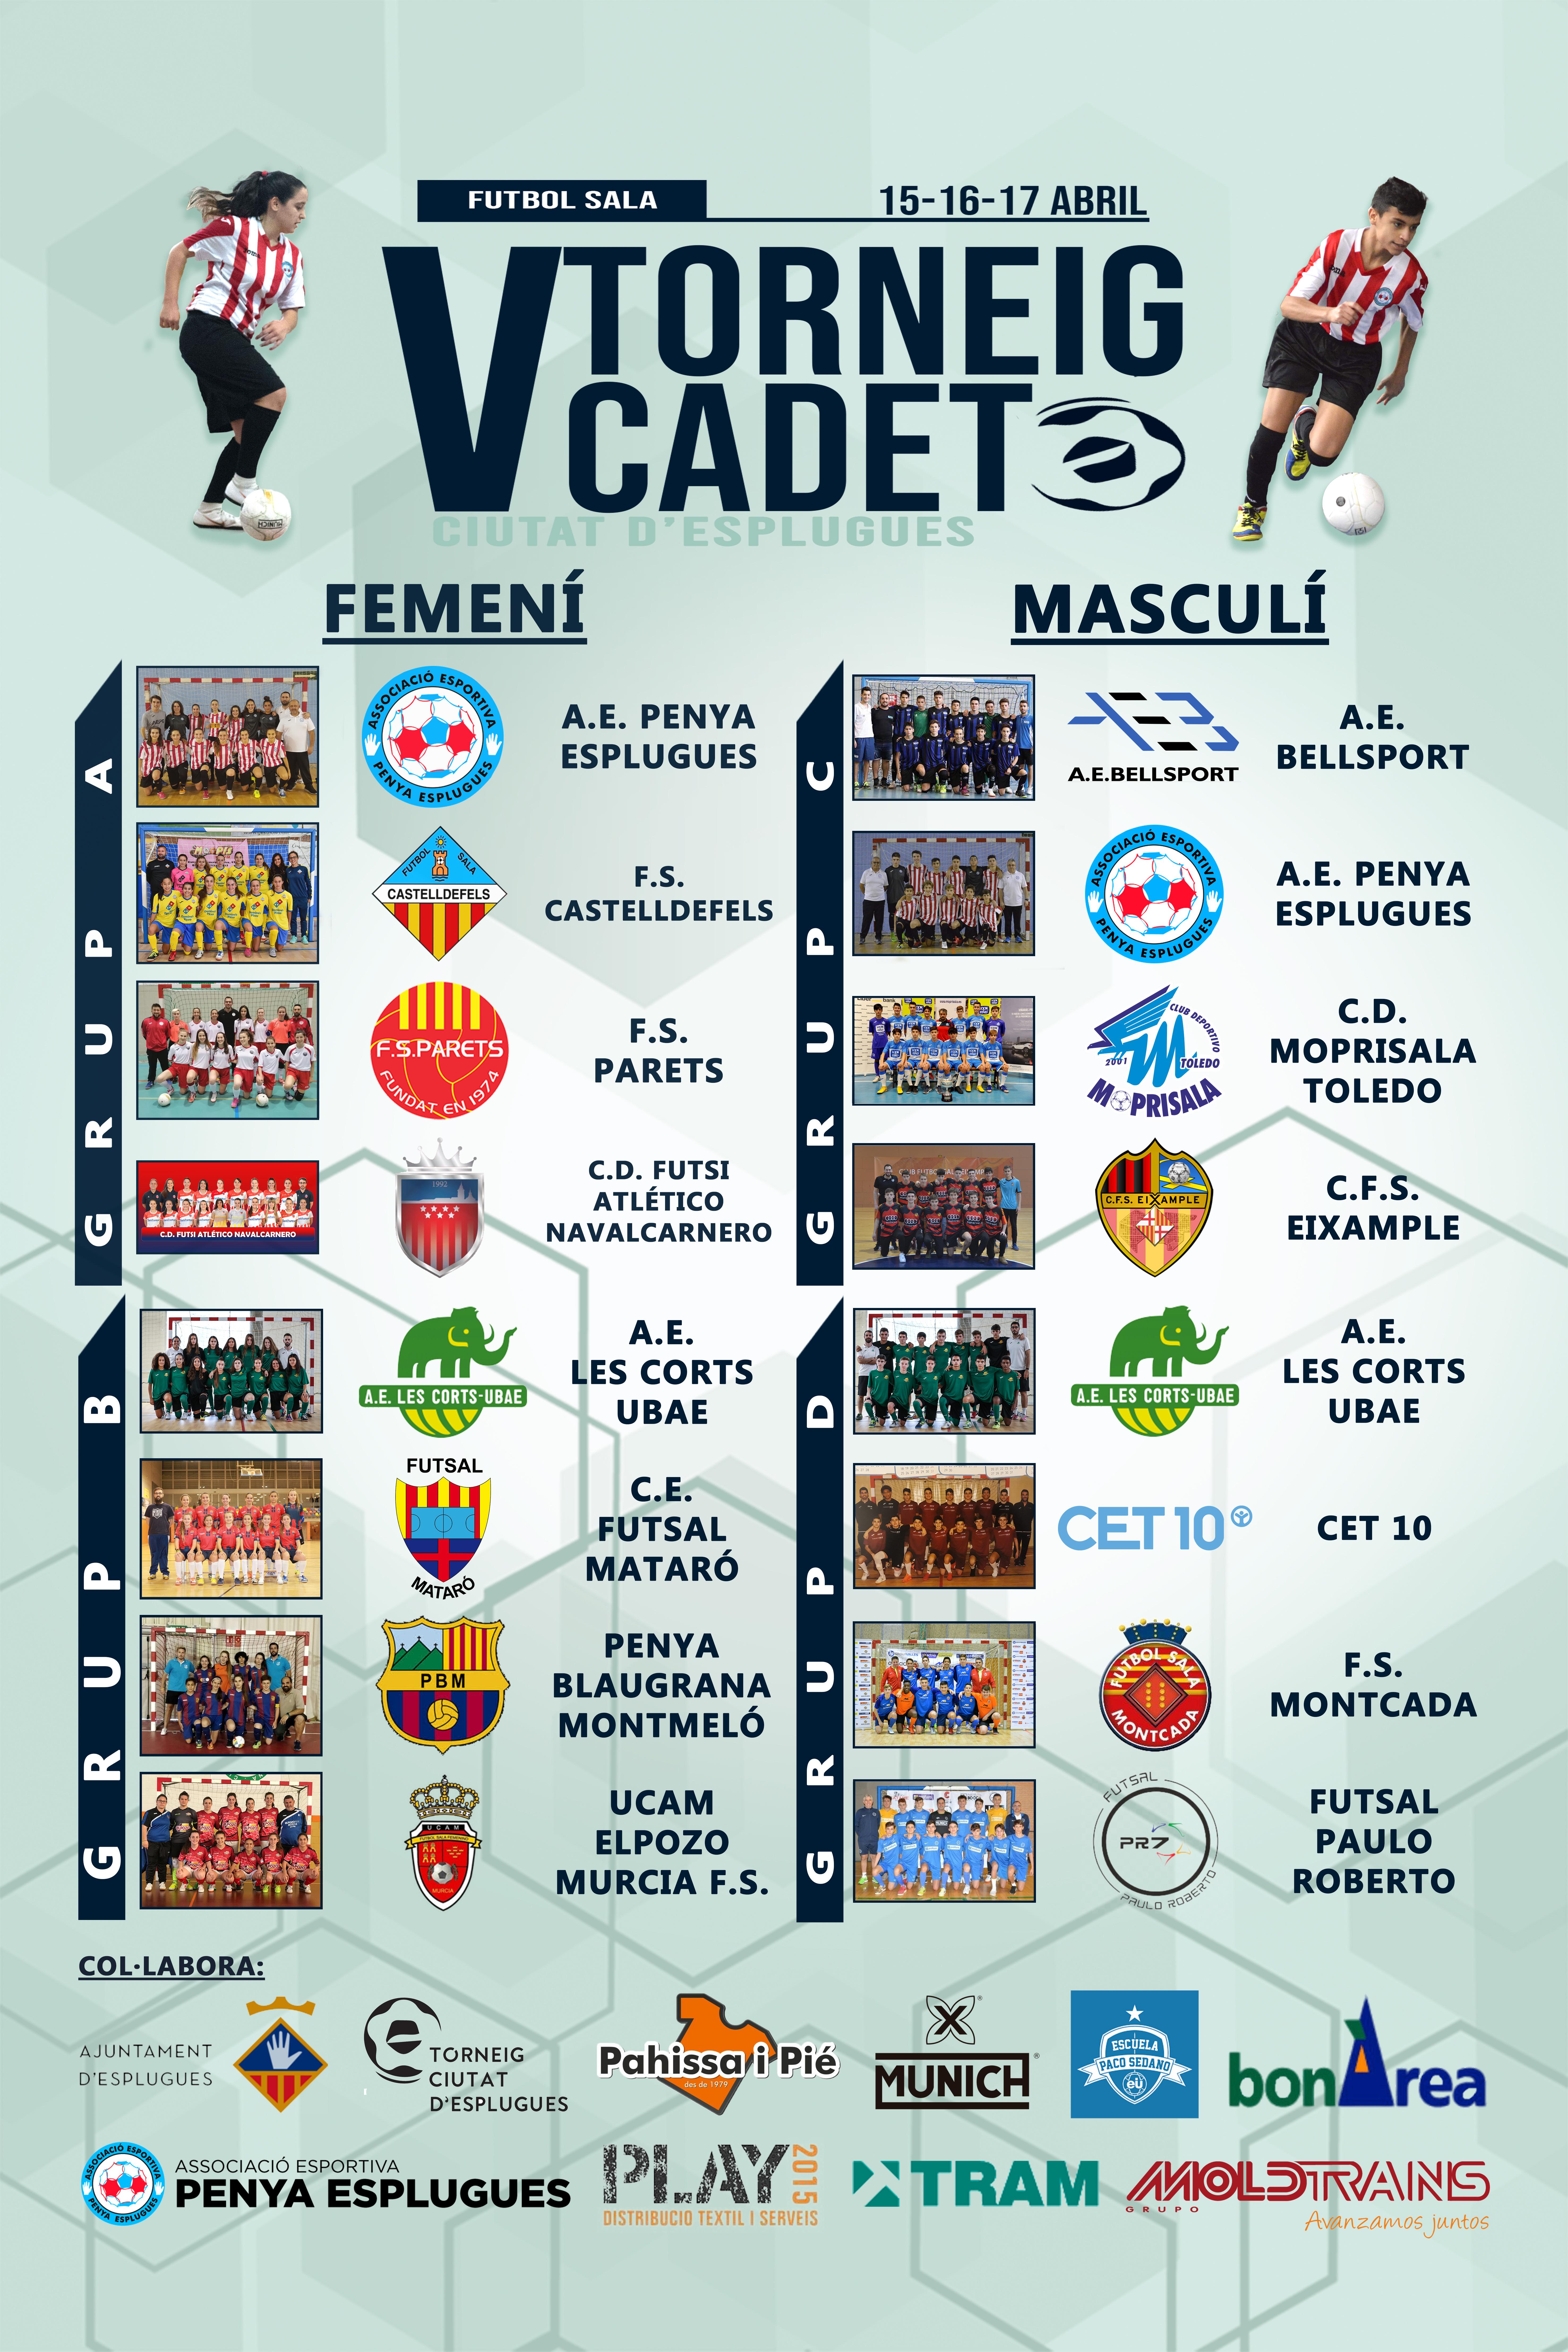 El Torneig Ciutat d'Esplugues de futbol sala reuneix 16 equips i 250 futbolistes || El Torneo Ciutat d'Esplugues de fútbol sala reúne a 16 equipos y 250 futbolistas